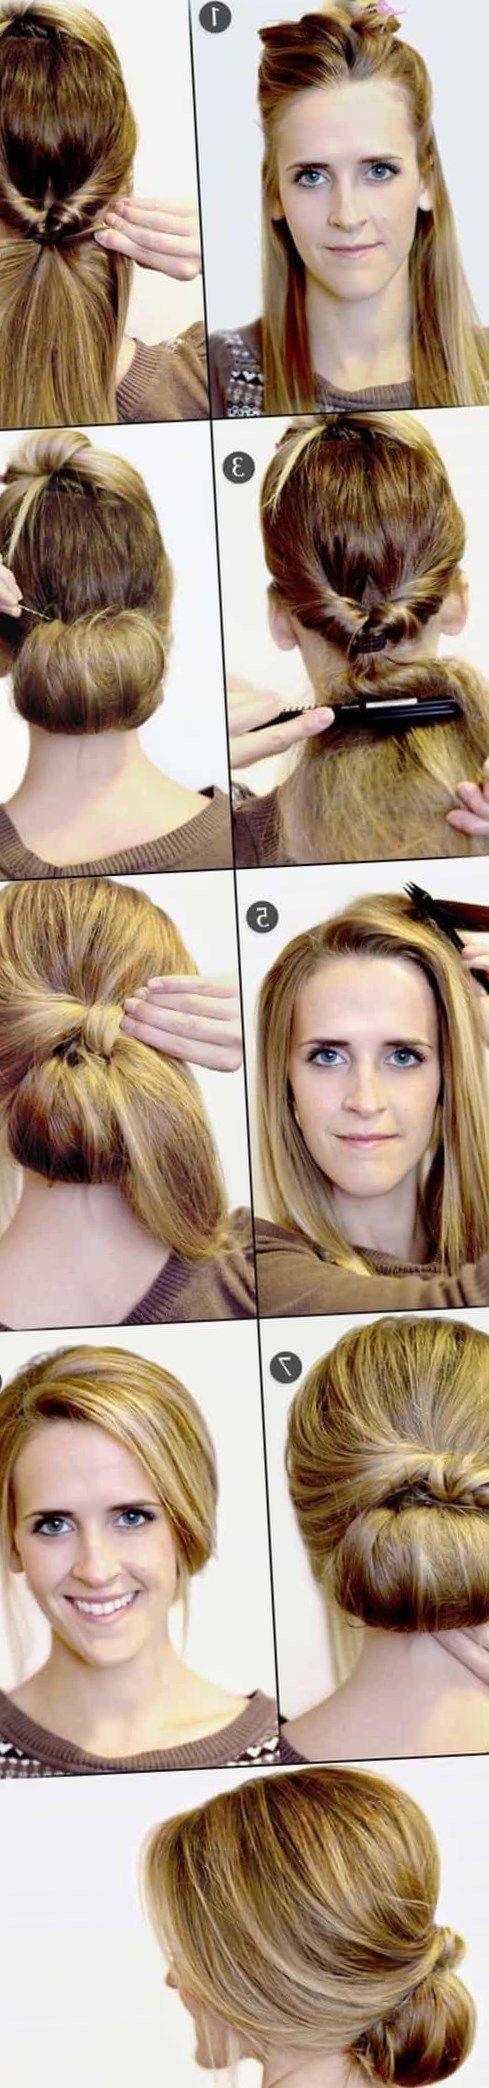 Как самой сделать прическу на средние волосы - http://popricheskam.ru/63-kak-samoj-sdelat-prichesku-na-srednie-volosy.html. #прически #стрижки #тренды2017 #мода #волосы